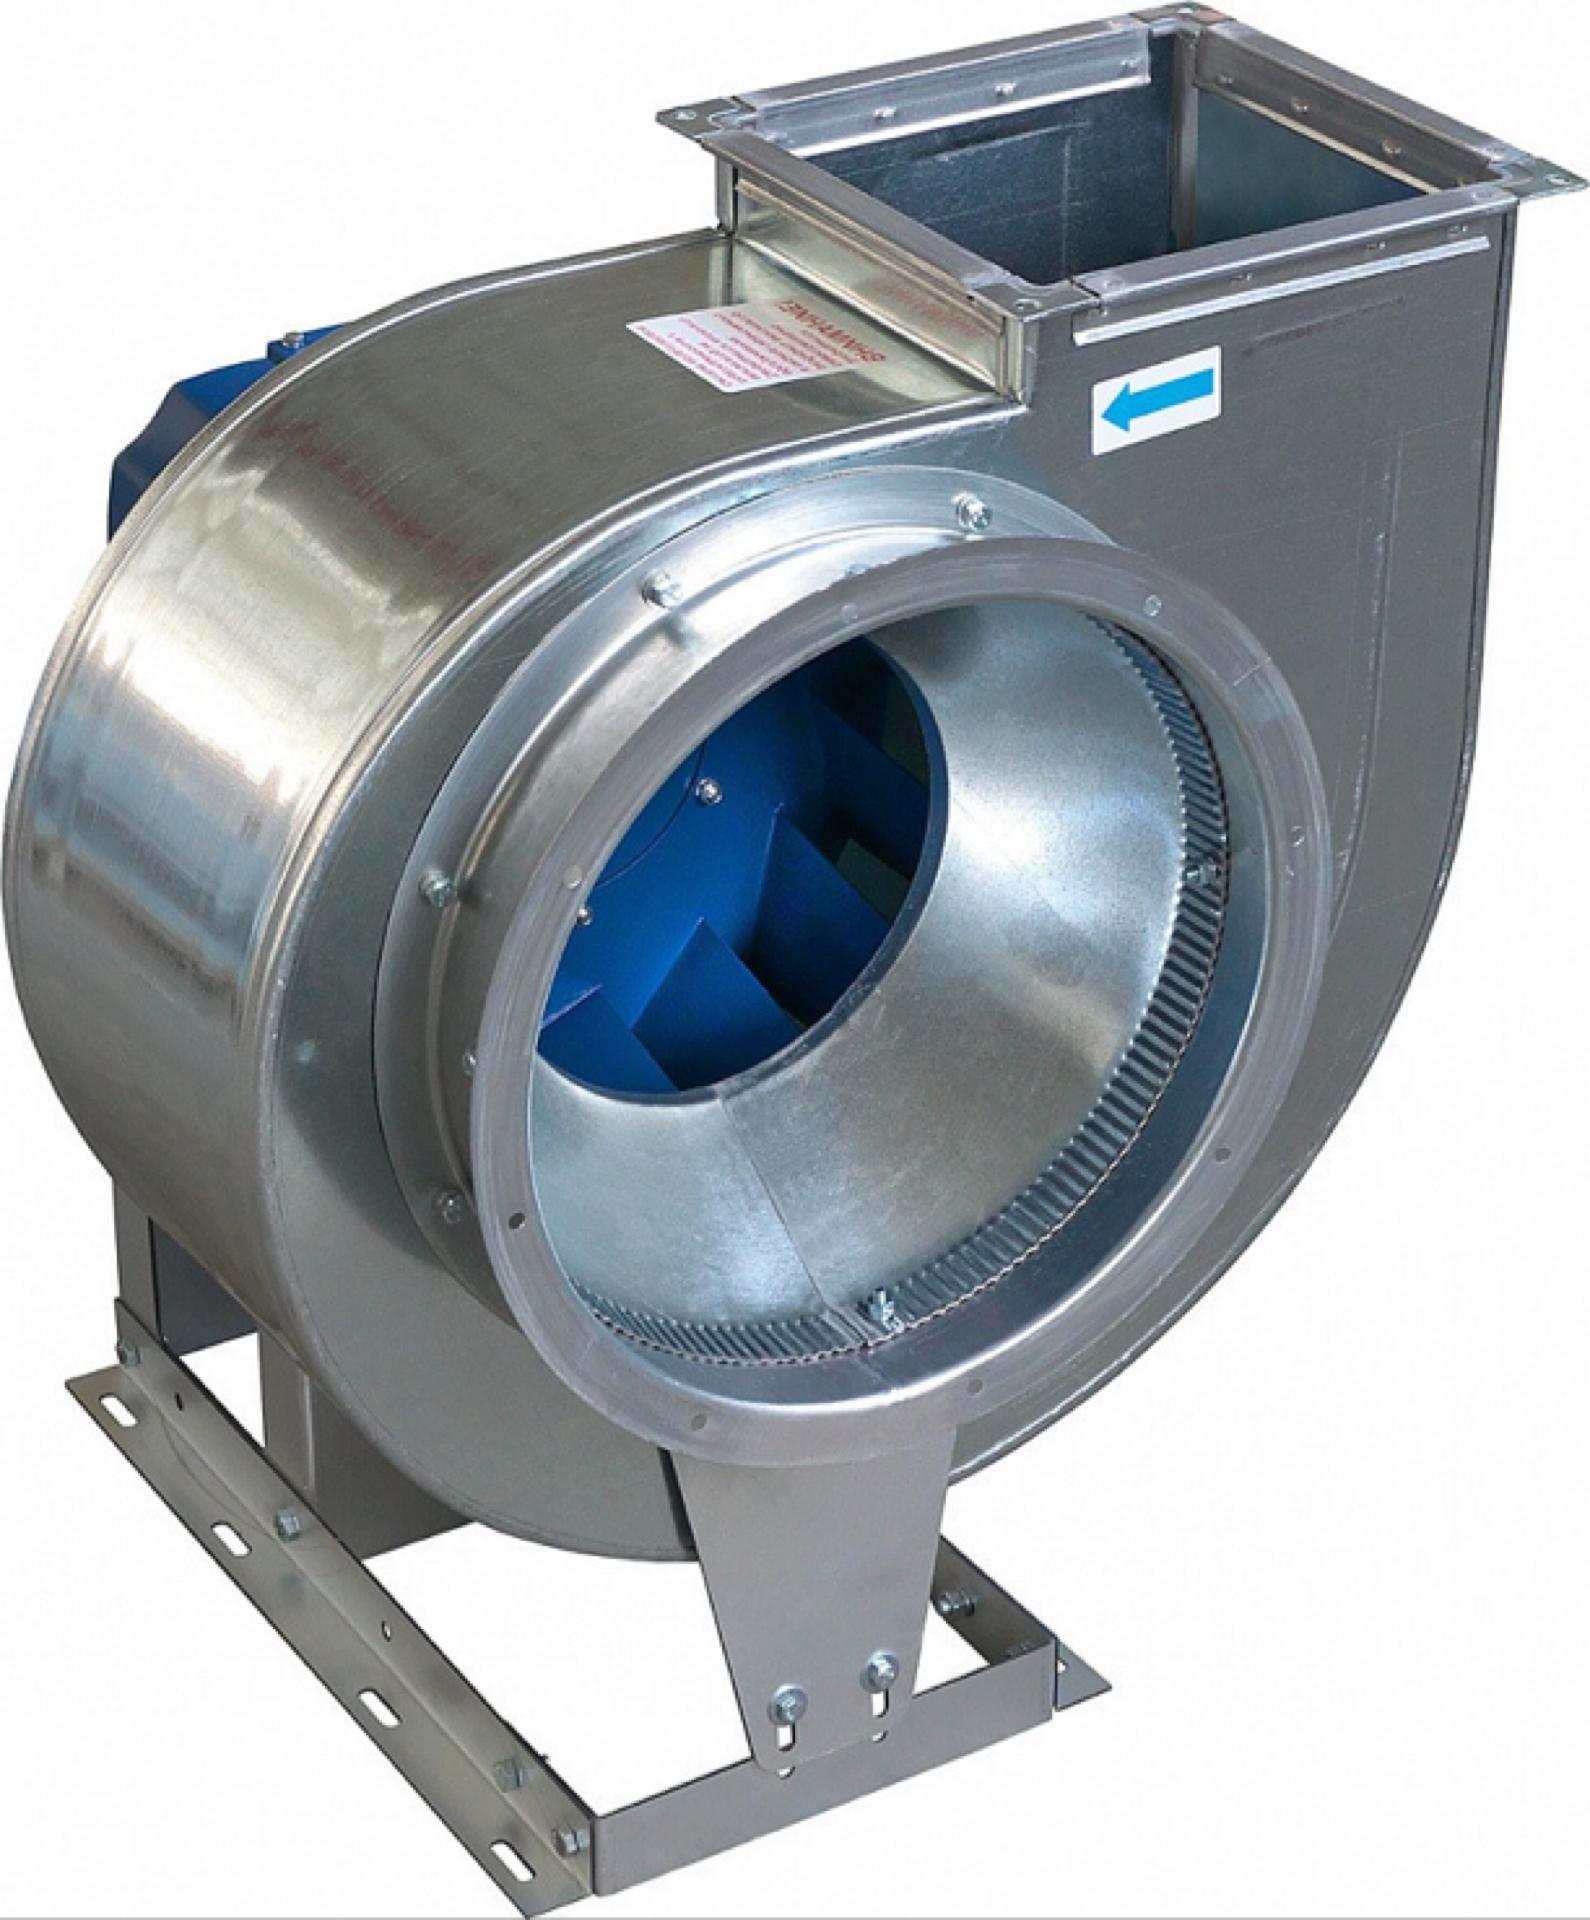 Вентилятор ВР-86-77-6,3 5,5 кВт*1500 об/мин ЛО (Д=0,9Дн)